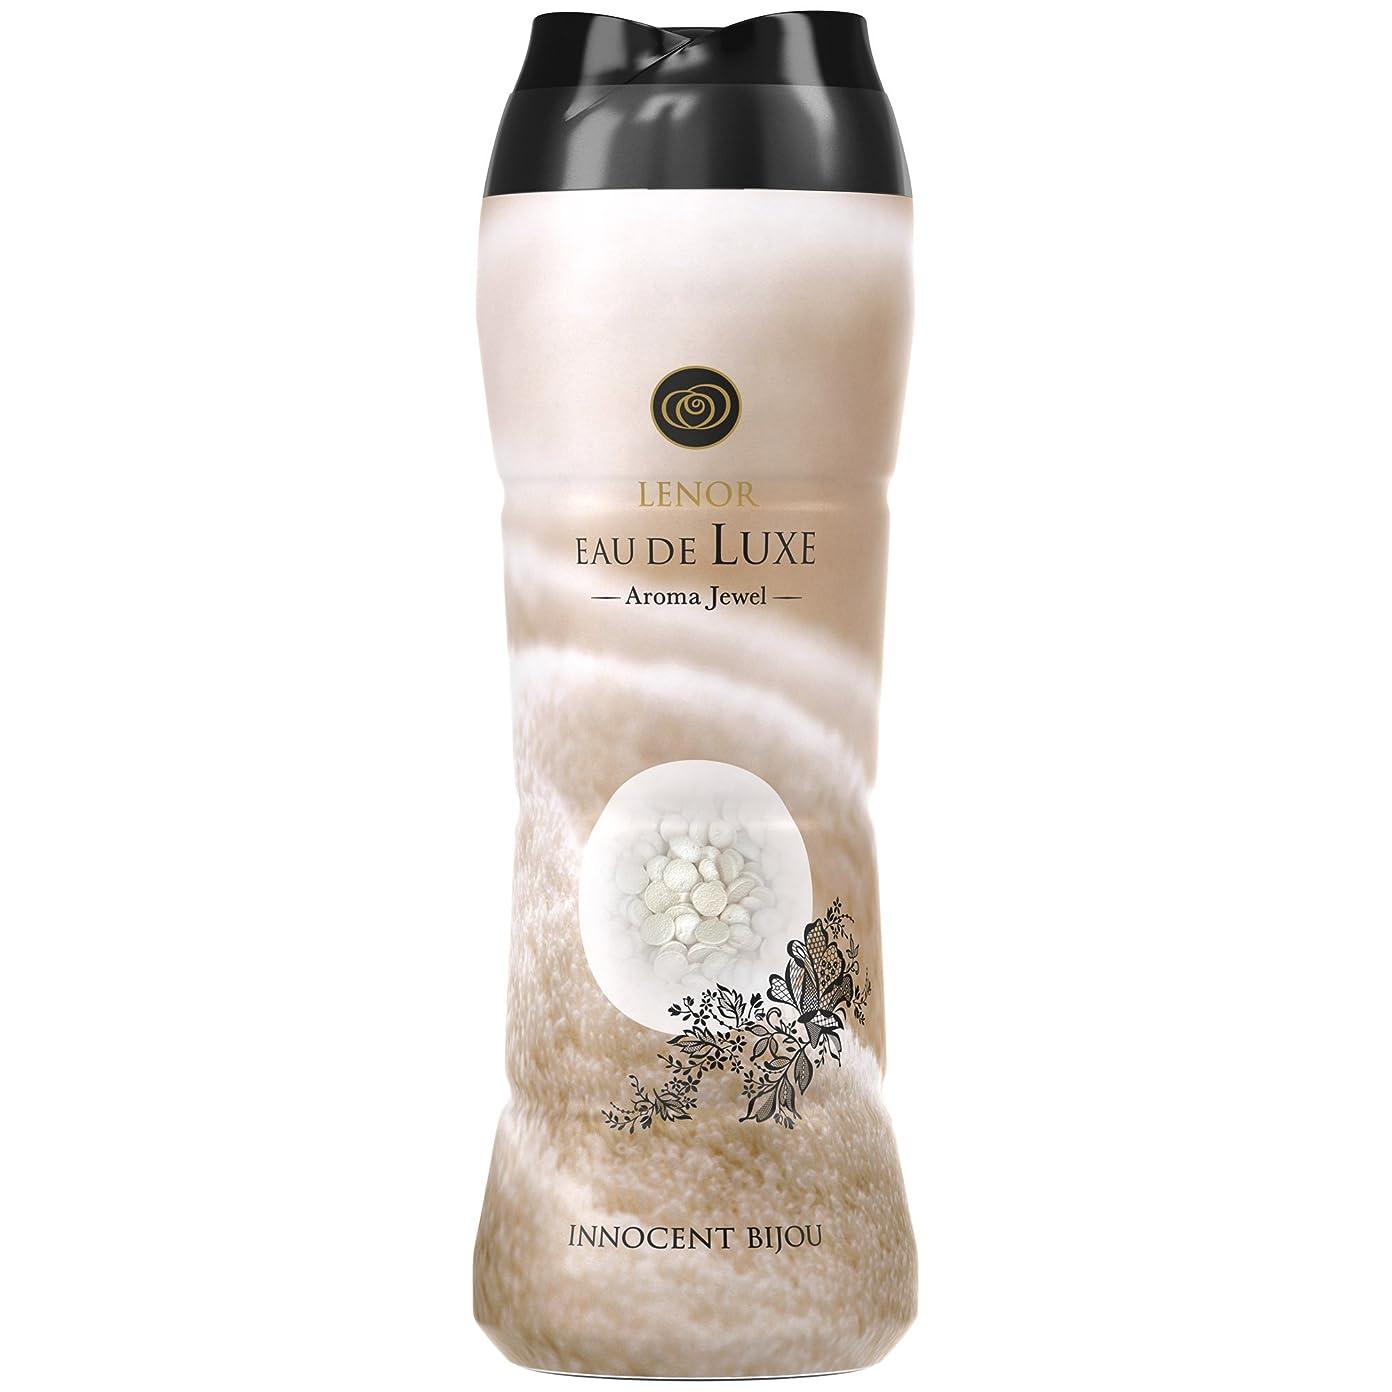 傾くライトニング雨のレノア オードリュクス アロマジュエル 香り付け専用ビーズ イノセントビジュの香り 520mL